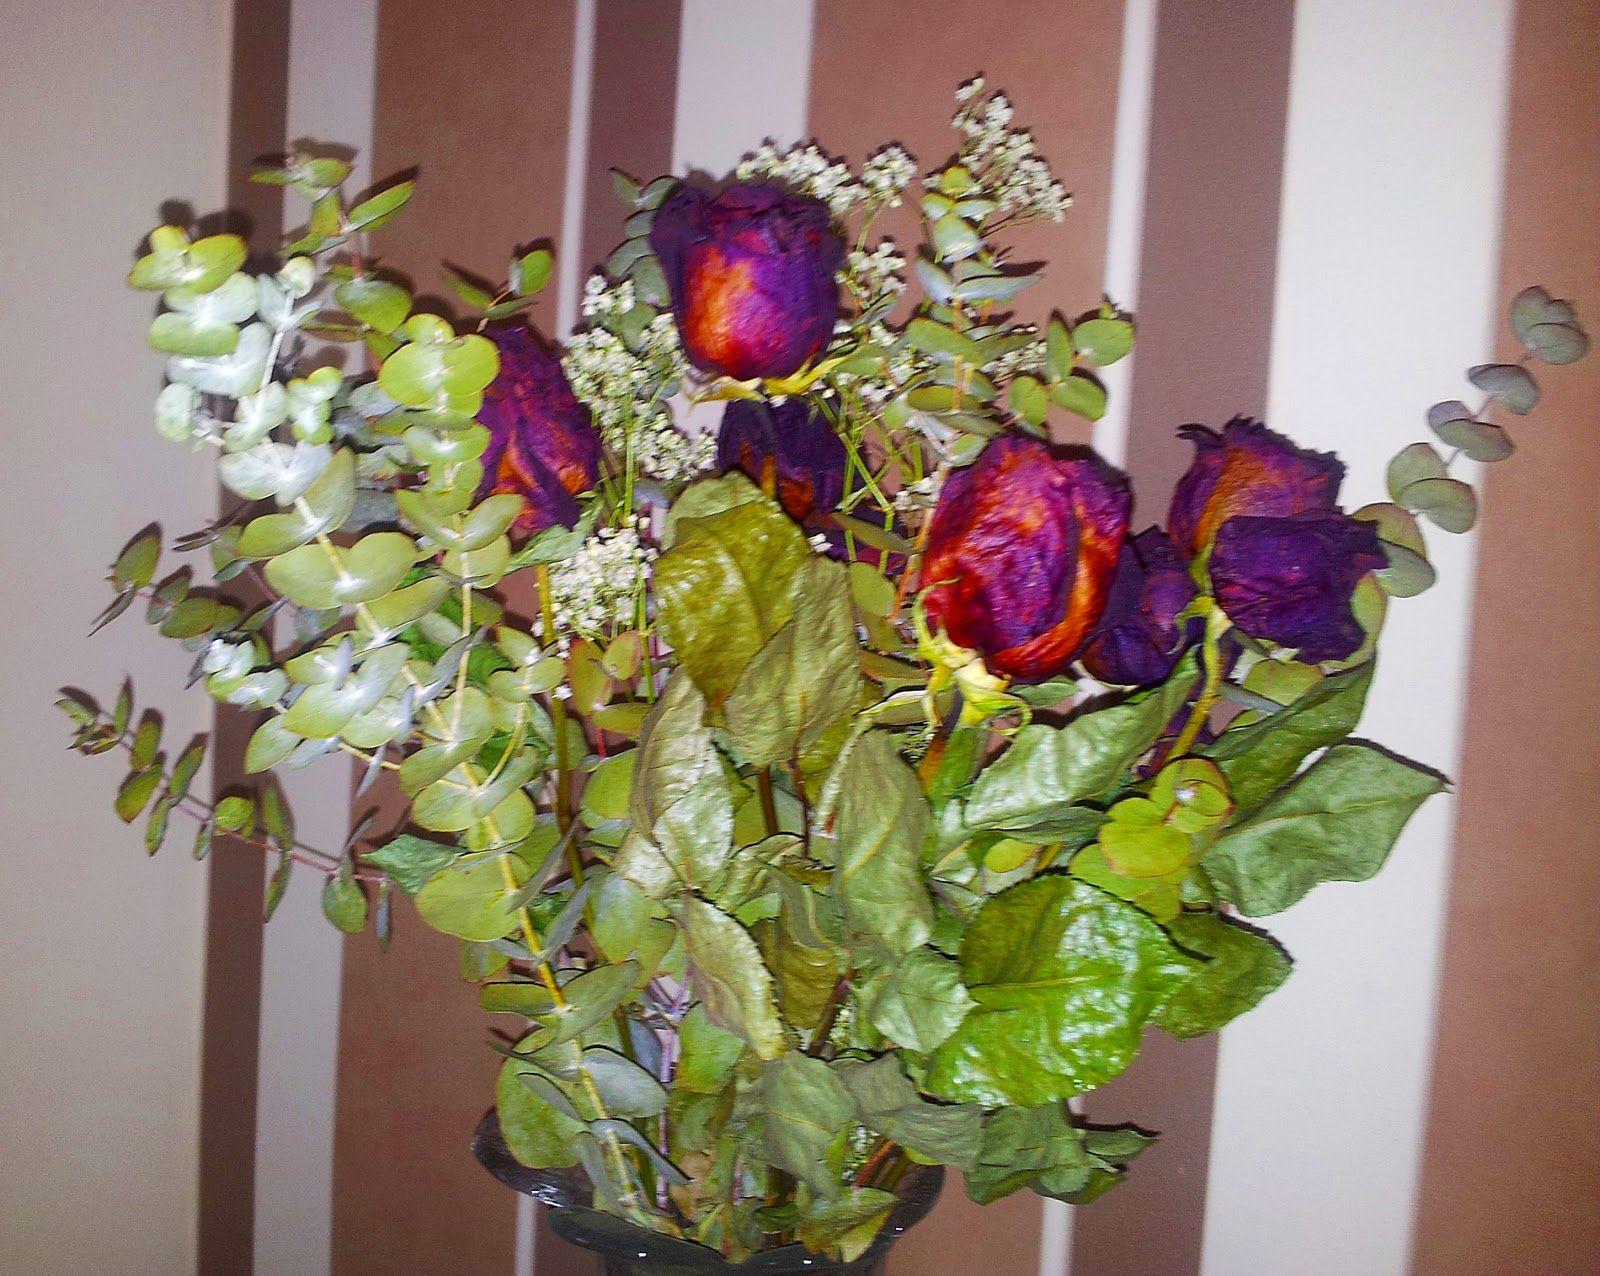 Secar Un Ramo De Rosas Diy Secar Flores Rosas Decoracion Laboresenlaluna Ramo De Rosas Rosas Flores